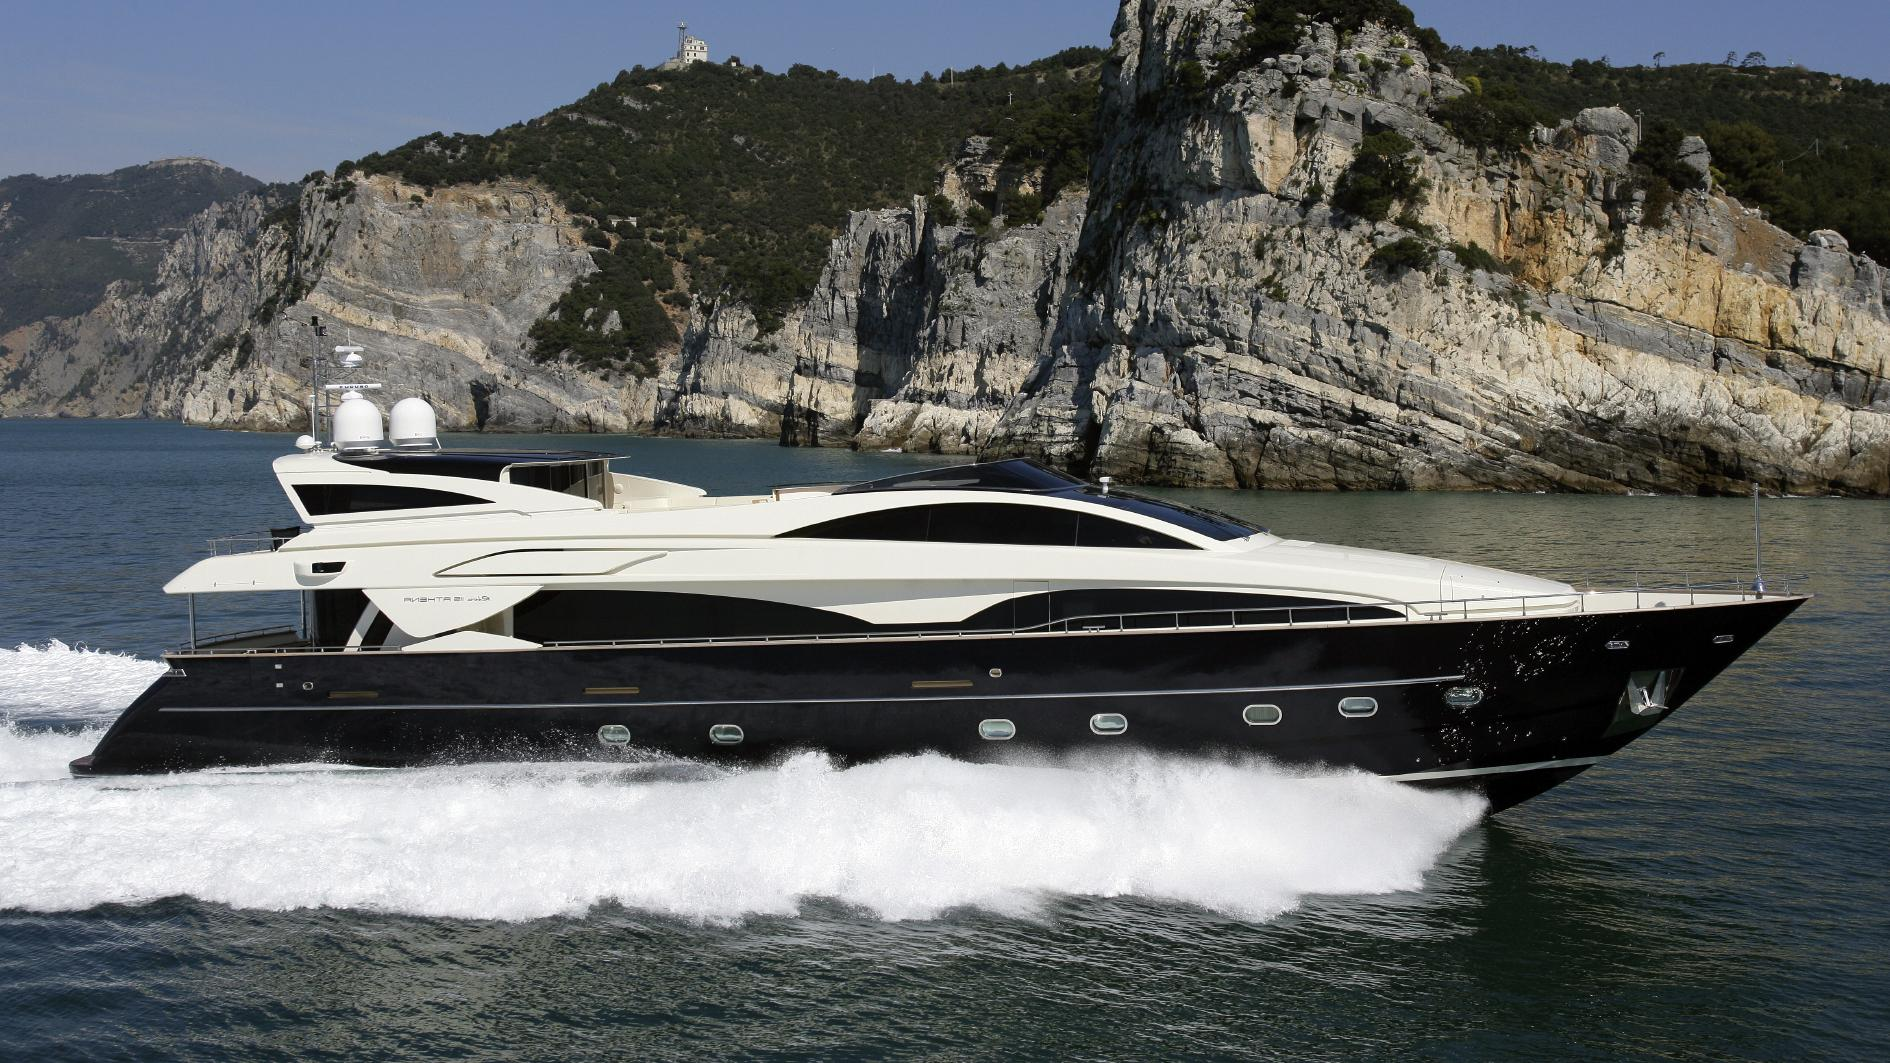 galatea-motor-yacht-riva-athena-115-2007-35m-profile